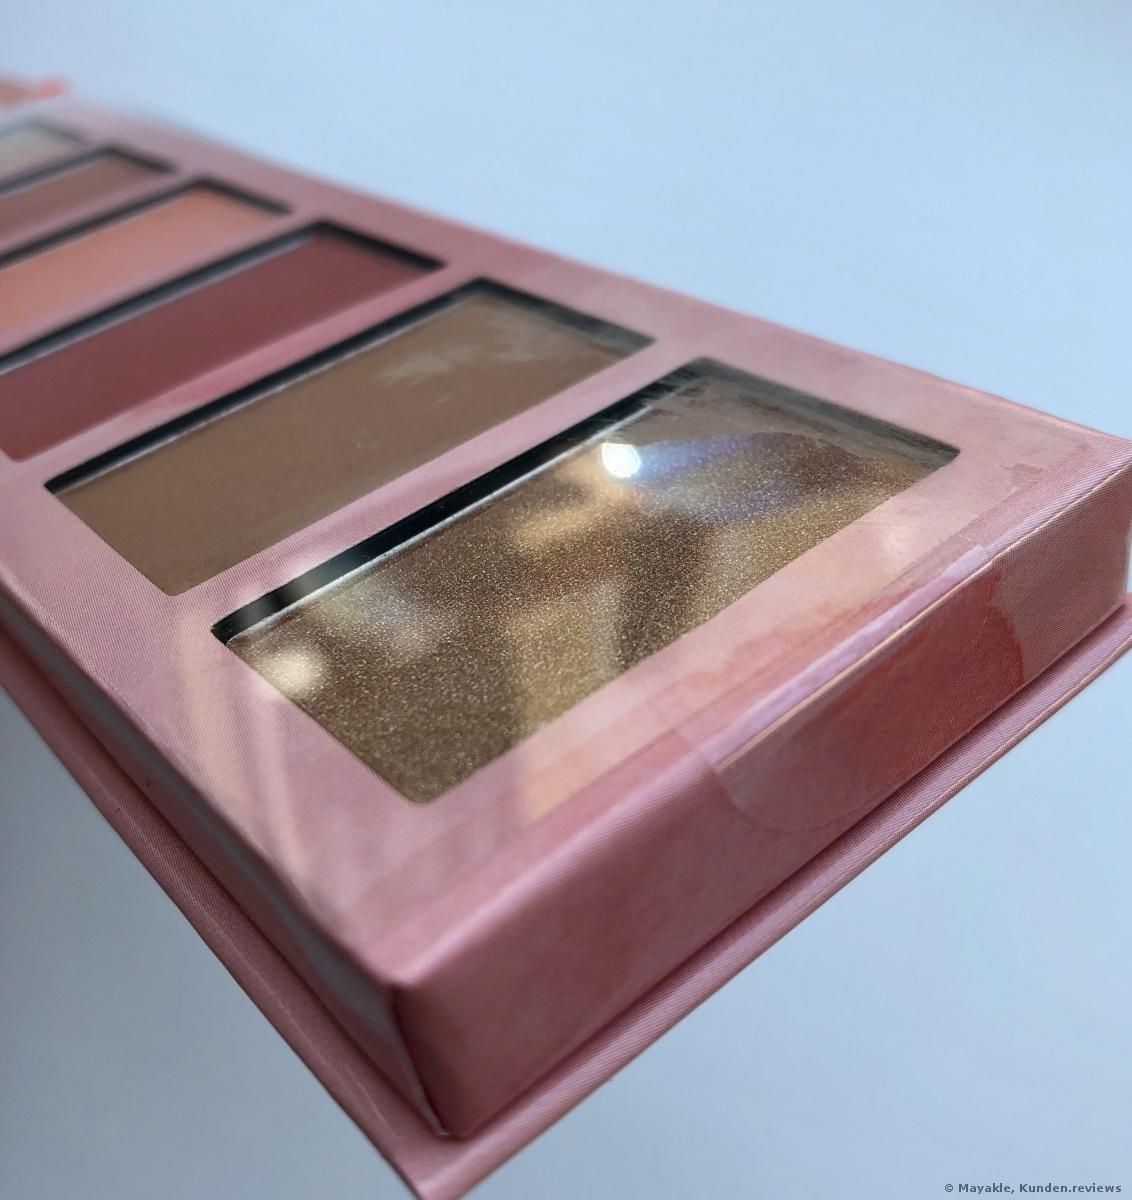 Essence Hey cheeks Blush, Bronzer & Highlighter Palette Foto